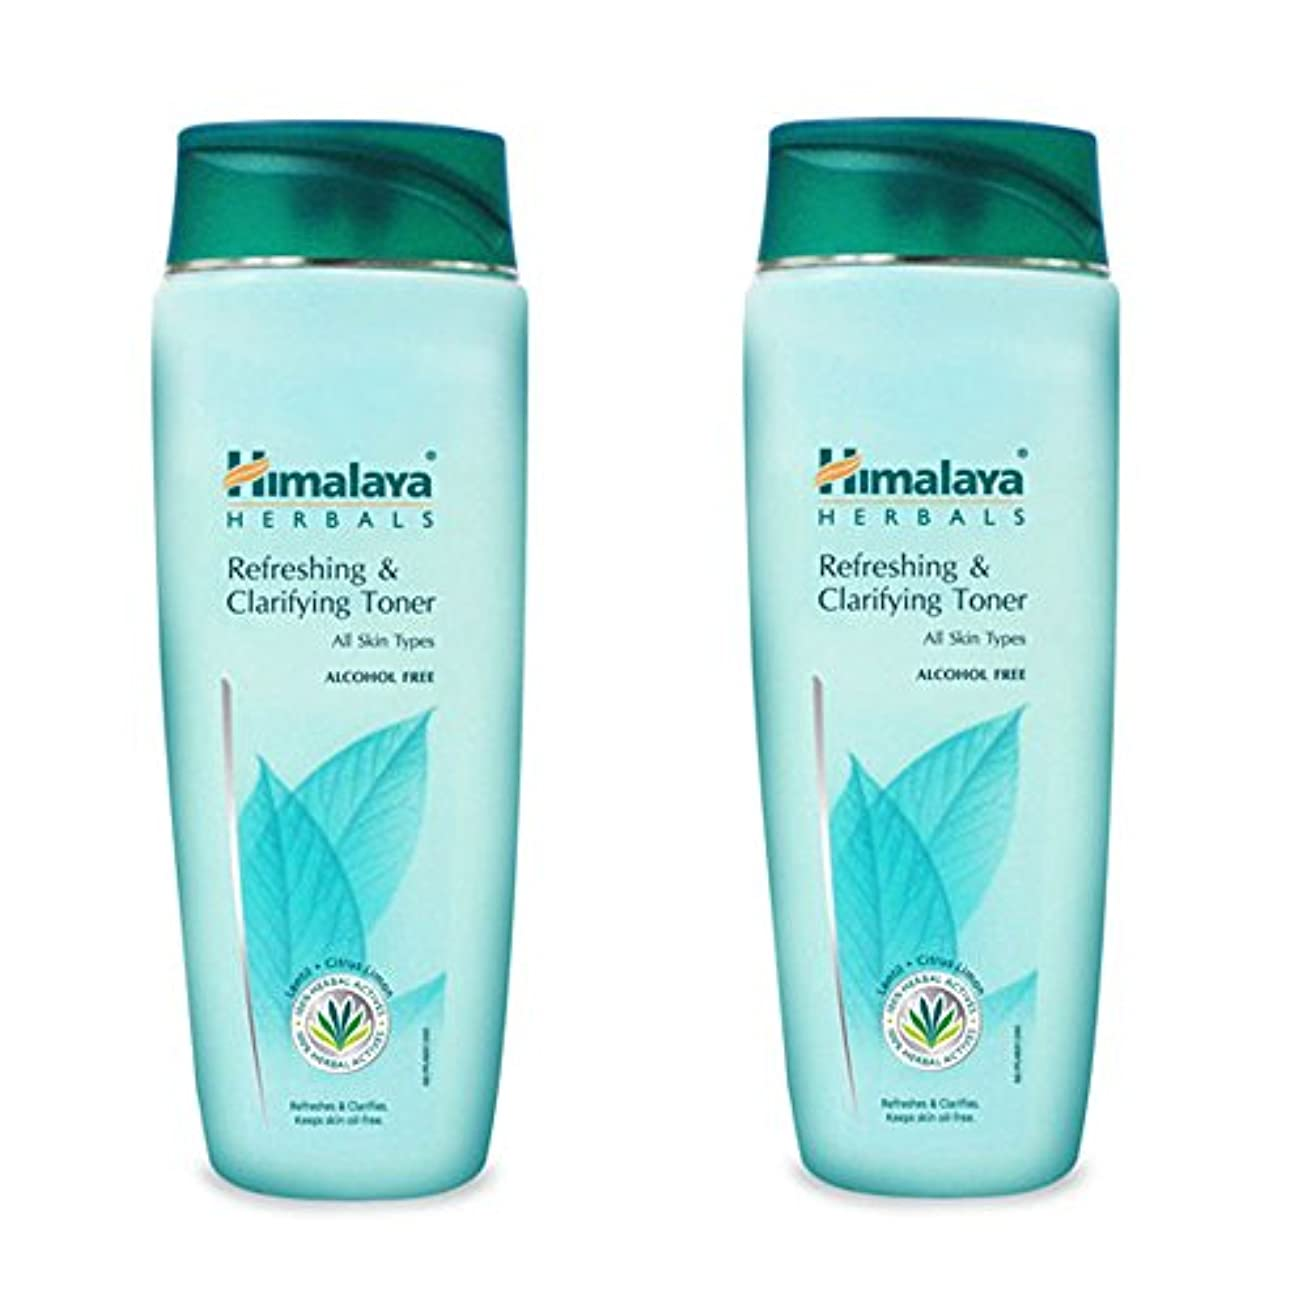 高架簡単にうるさいHimalaya Herbals Refreshing and Clarifying Toner, 100ml (Pack of 2)